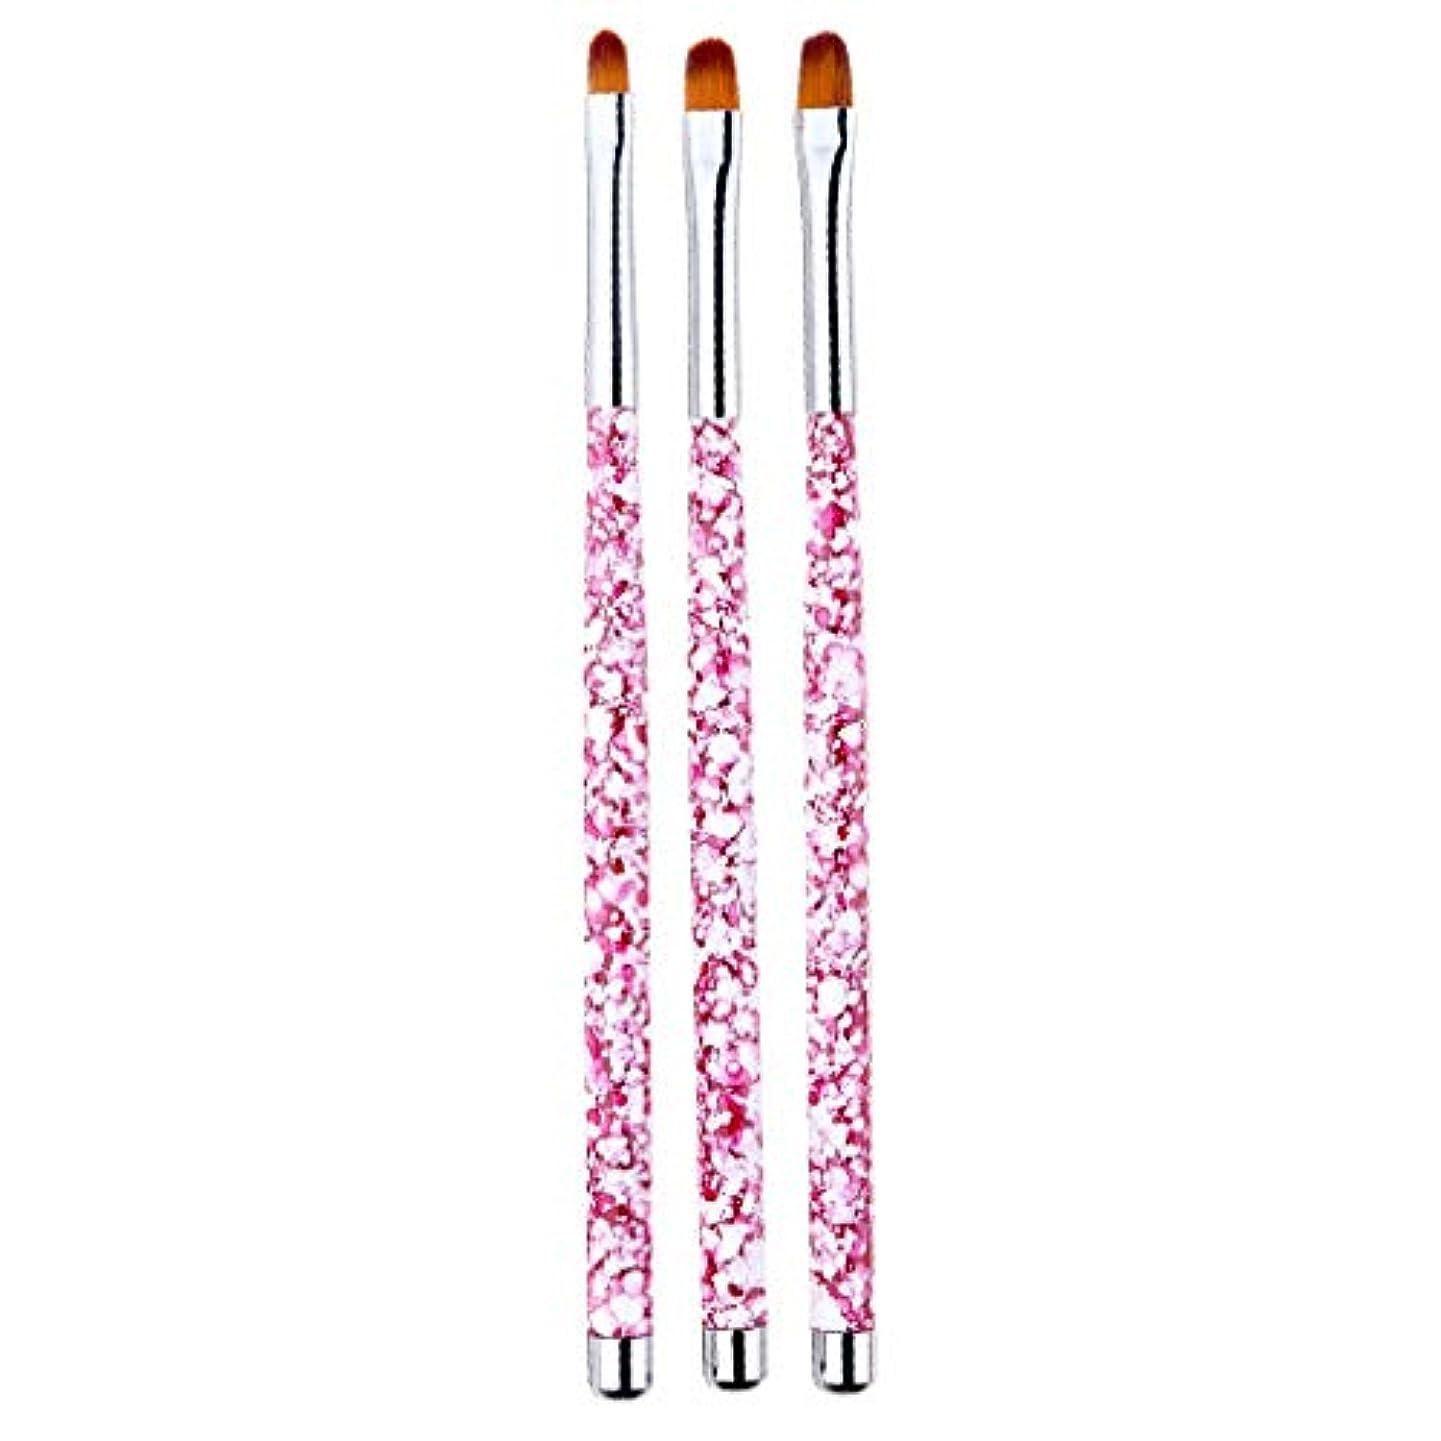 傷つきやすい意見スロベニアネイルアート 筆 ネイルブラシ 丸い 尖った先端 絵画ブラシ ペン 画筆 UV用 全4色 - ピンク